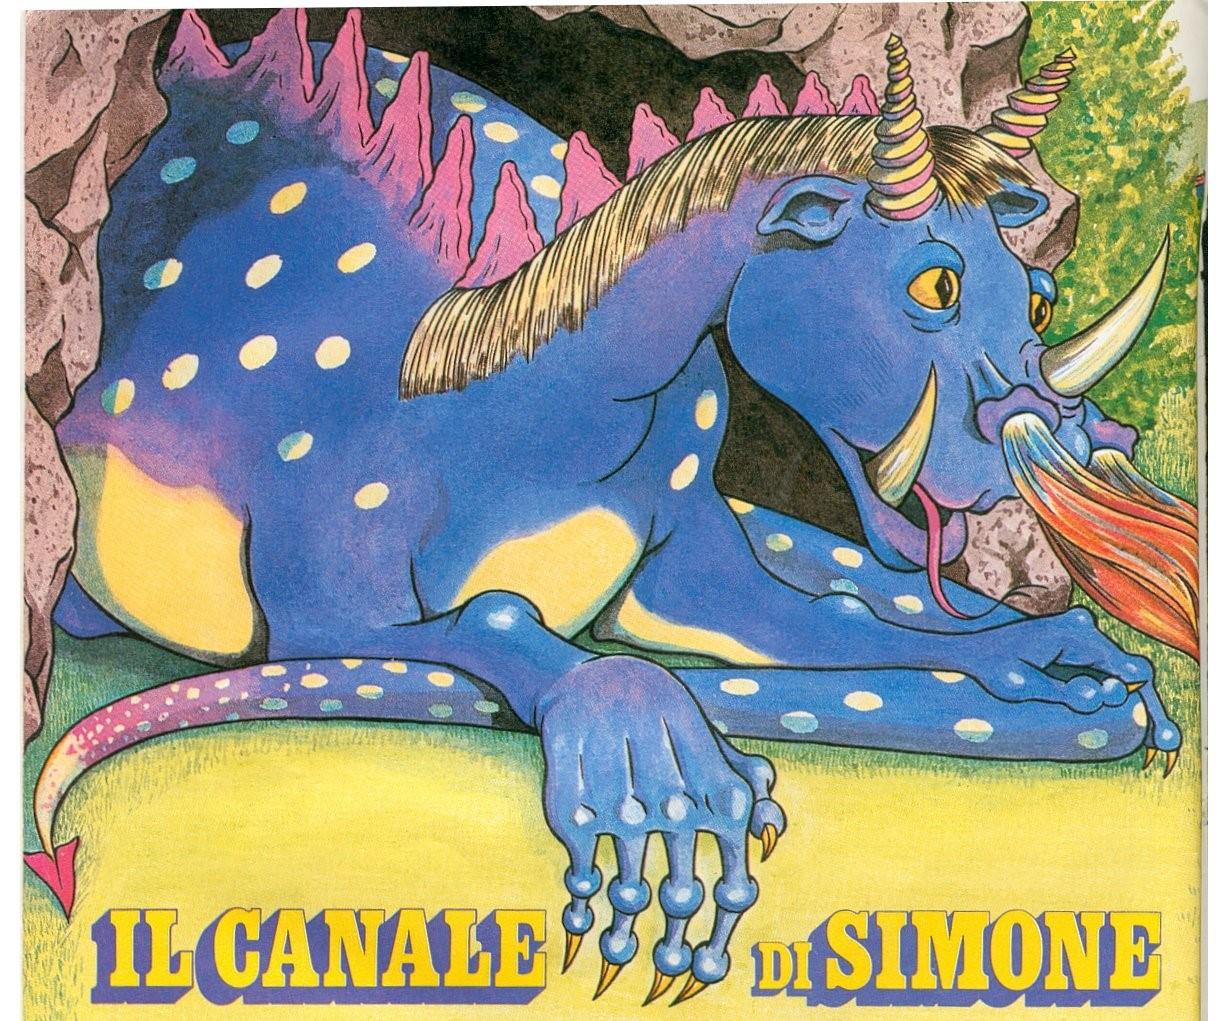 Il canale di Simone